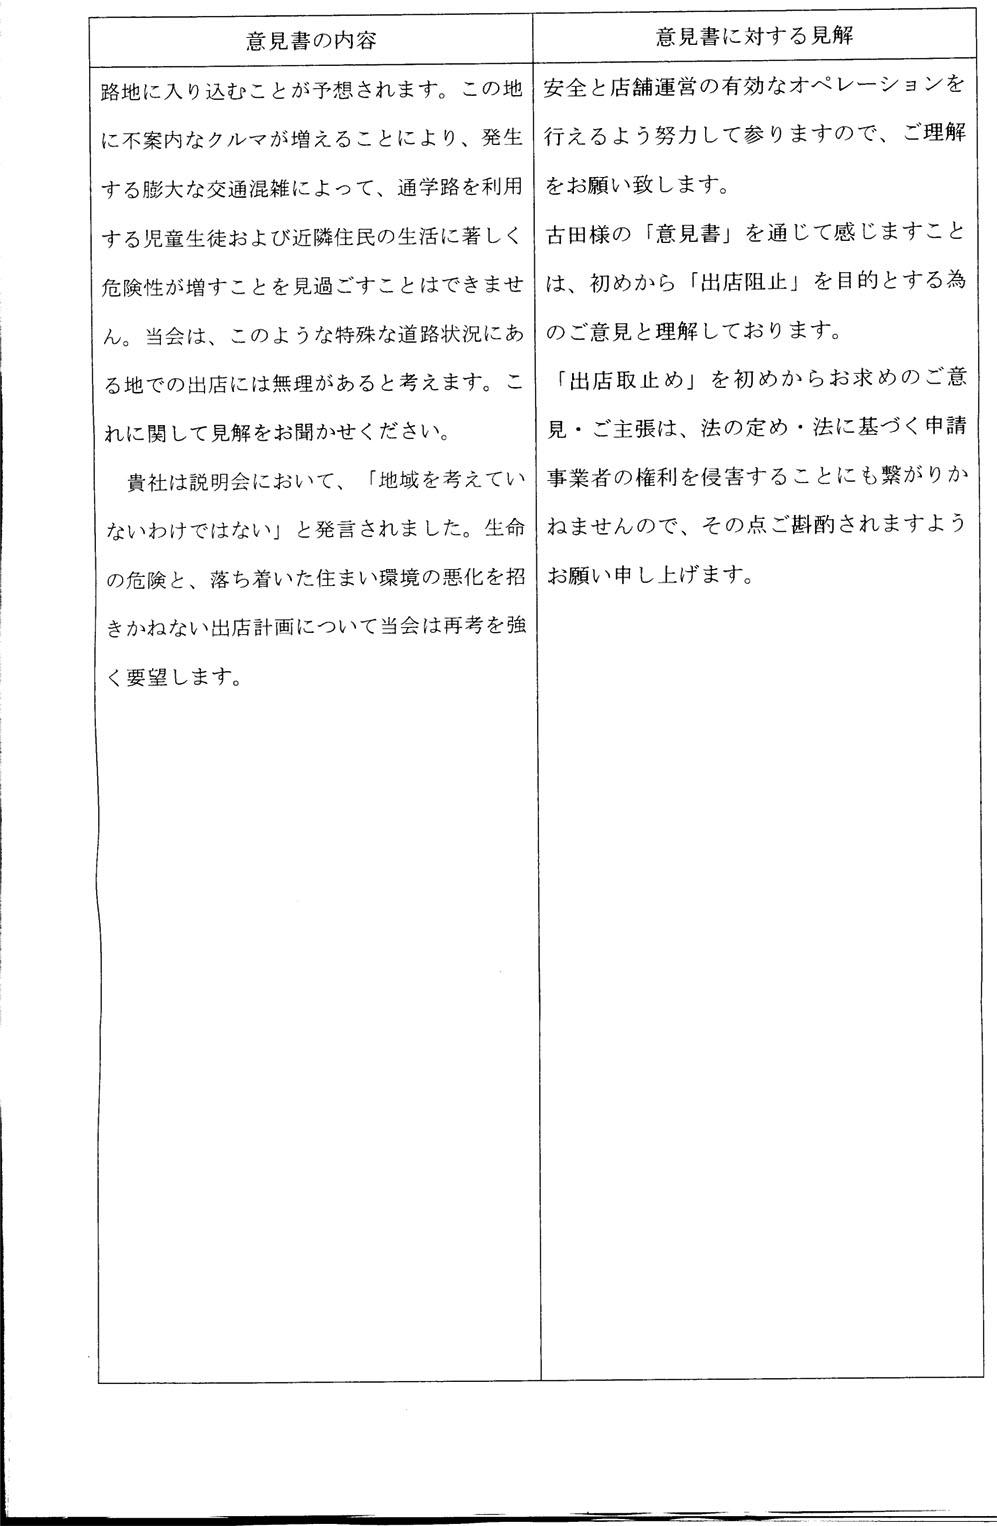 =2009/7/17= ニラクからの見解書 配達証明書付で郵送される_d0034430_14291040.jpg